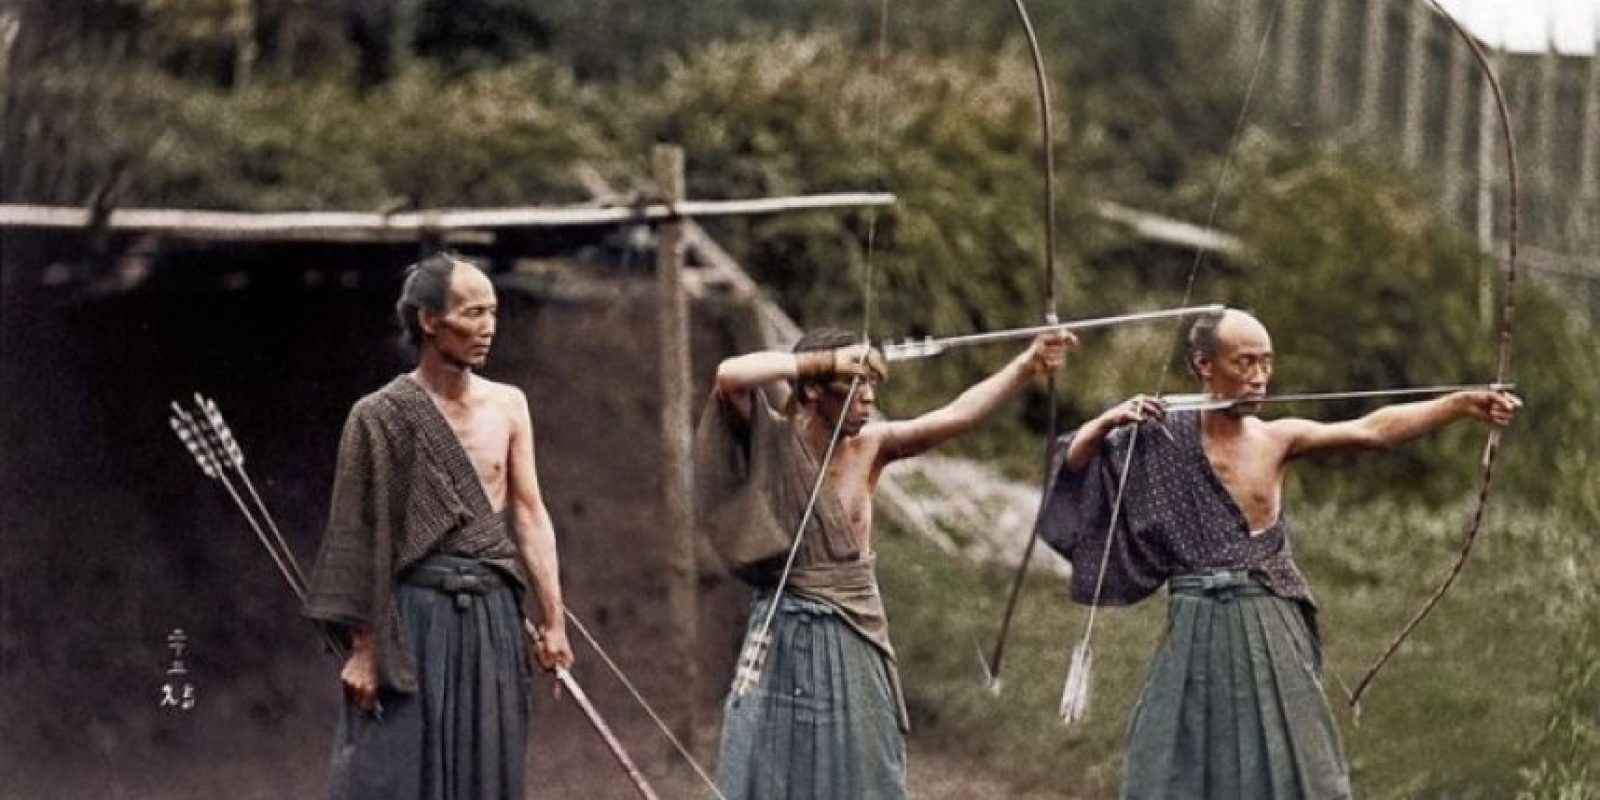 Samuráis entrenando, 1860.